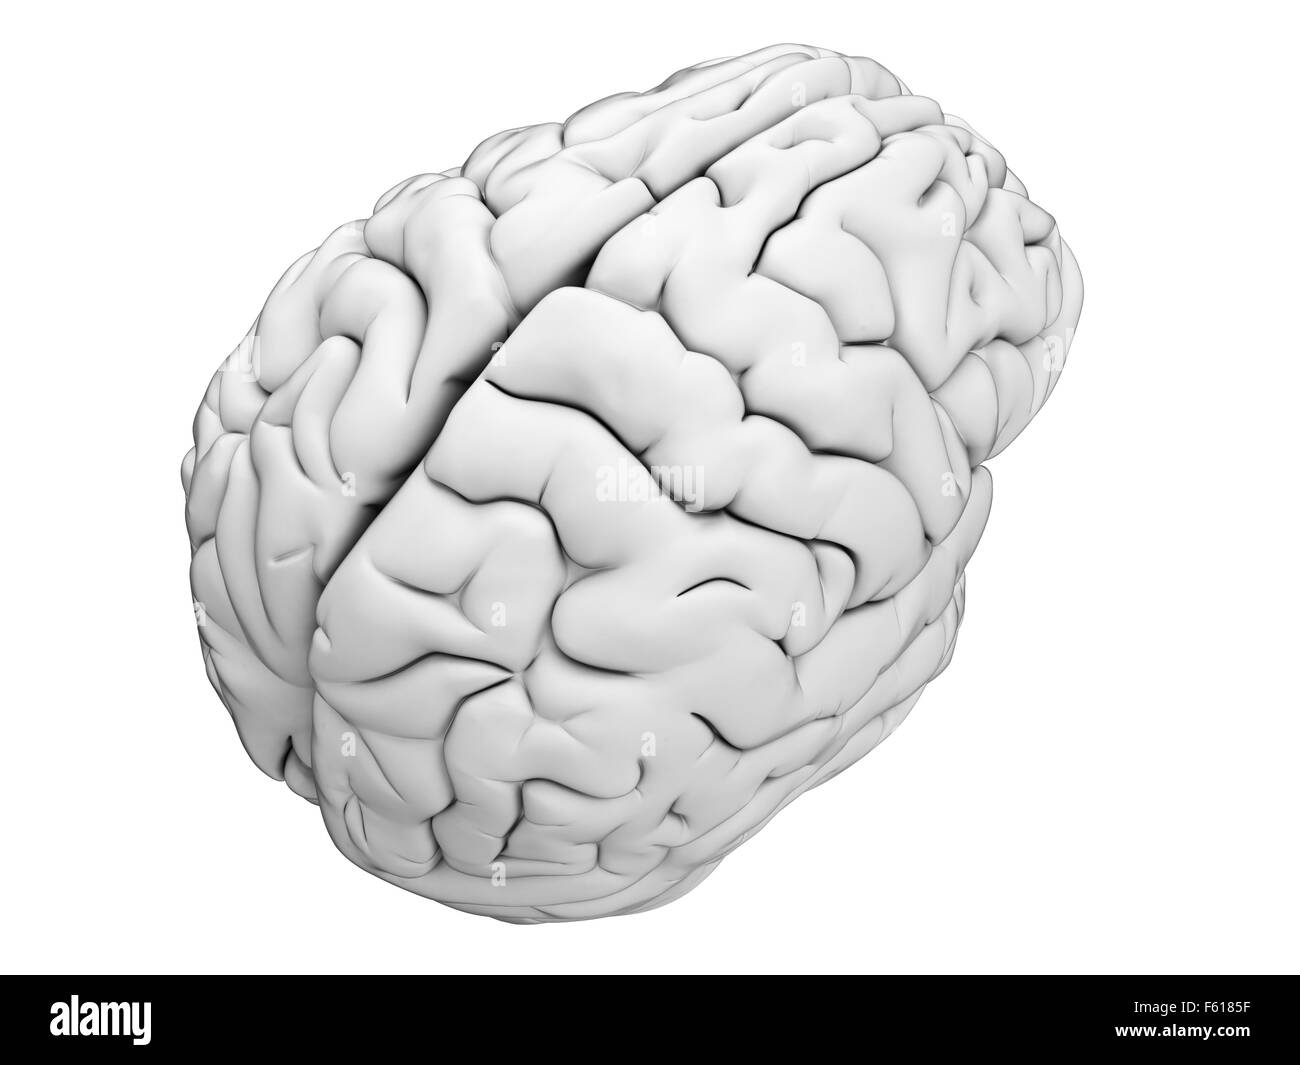 Ilustración médica precisa del cerebro humano Foto de stock